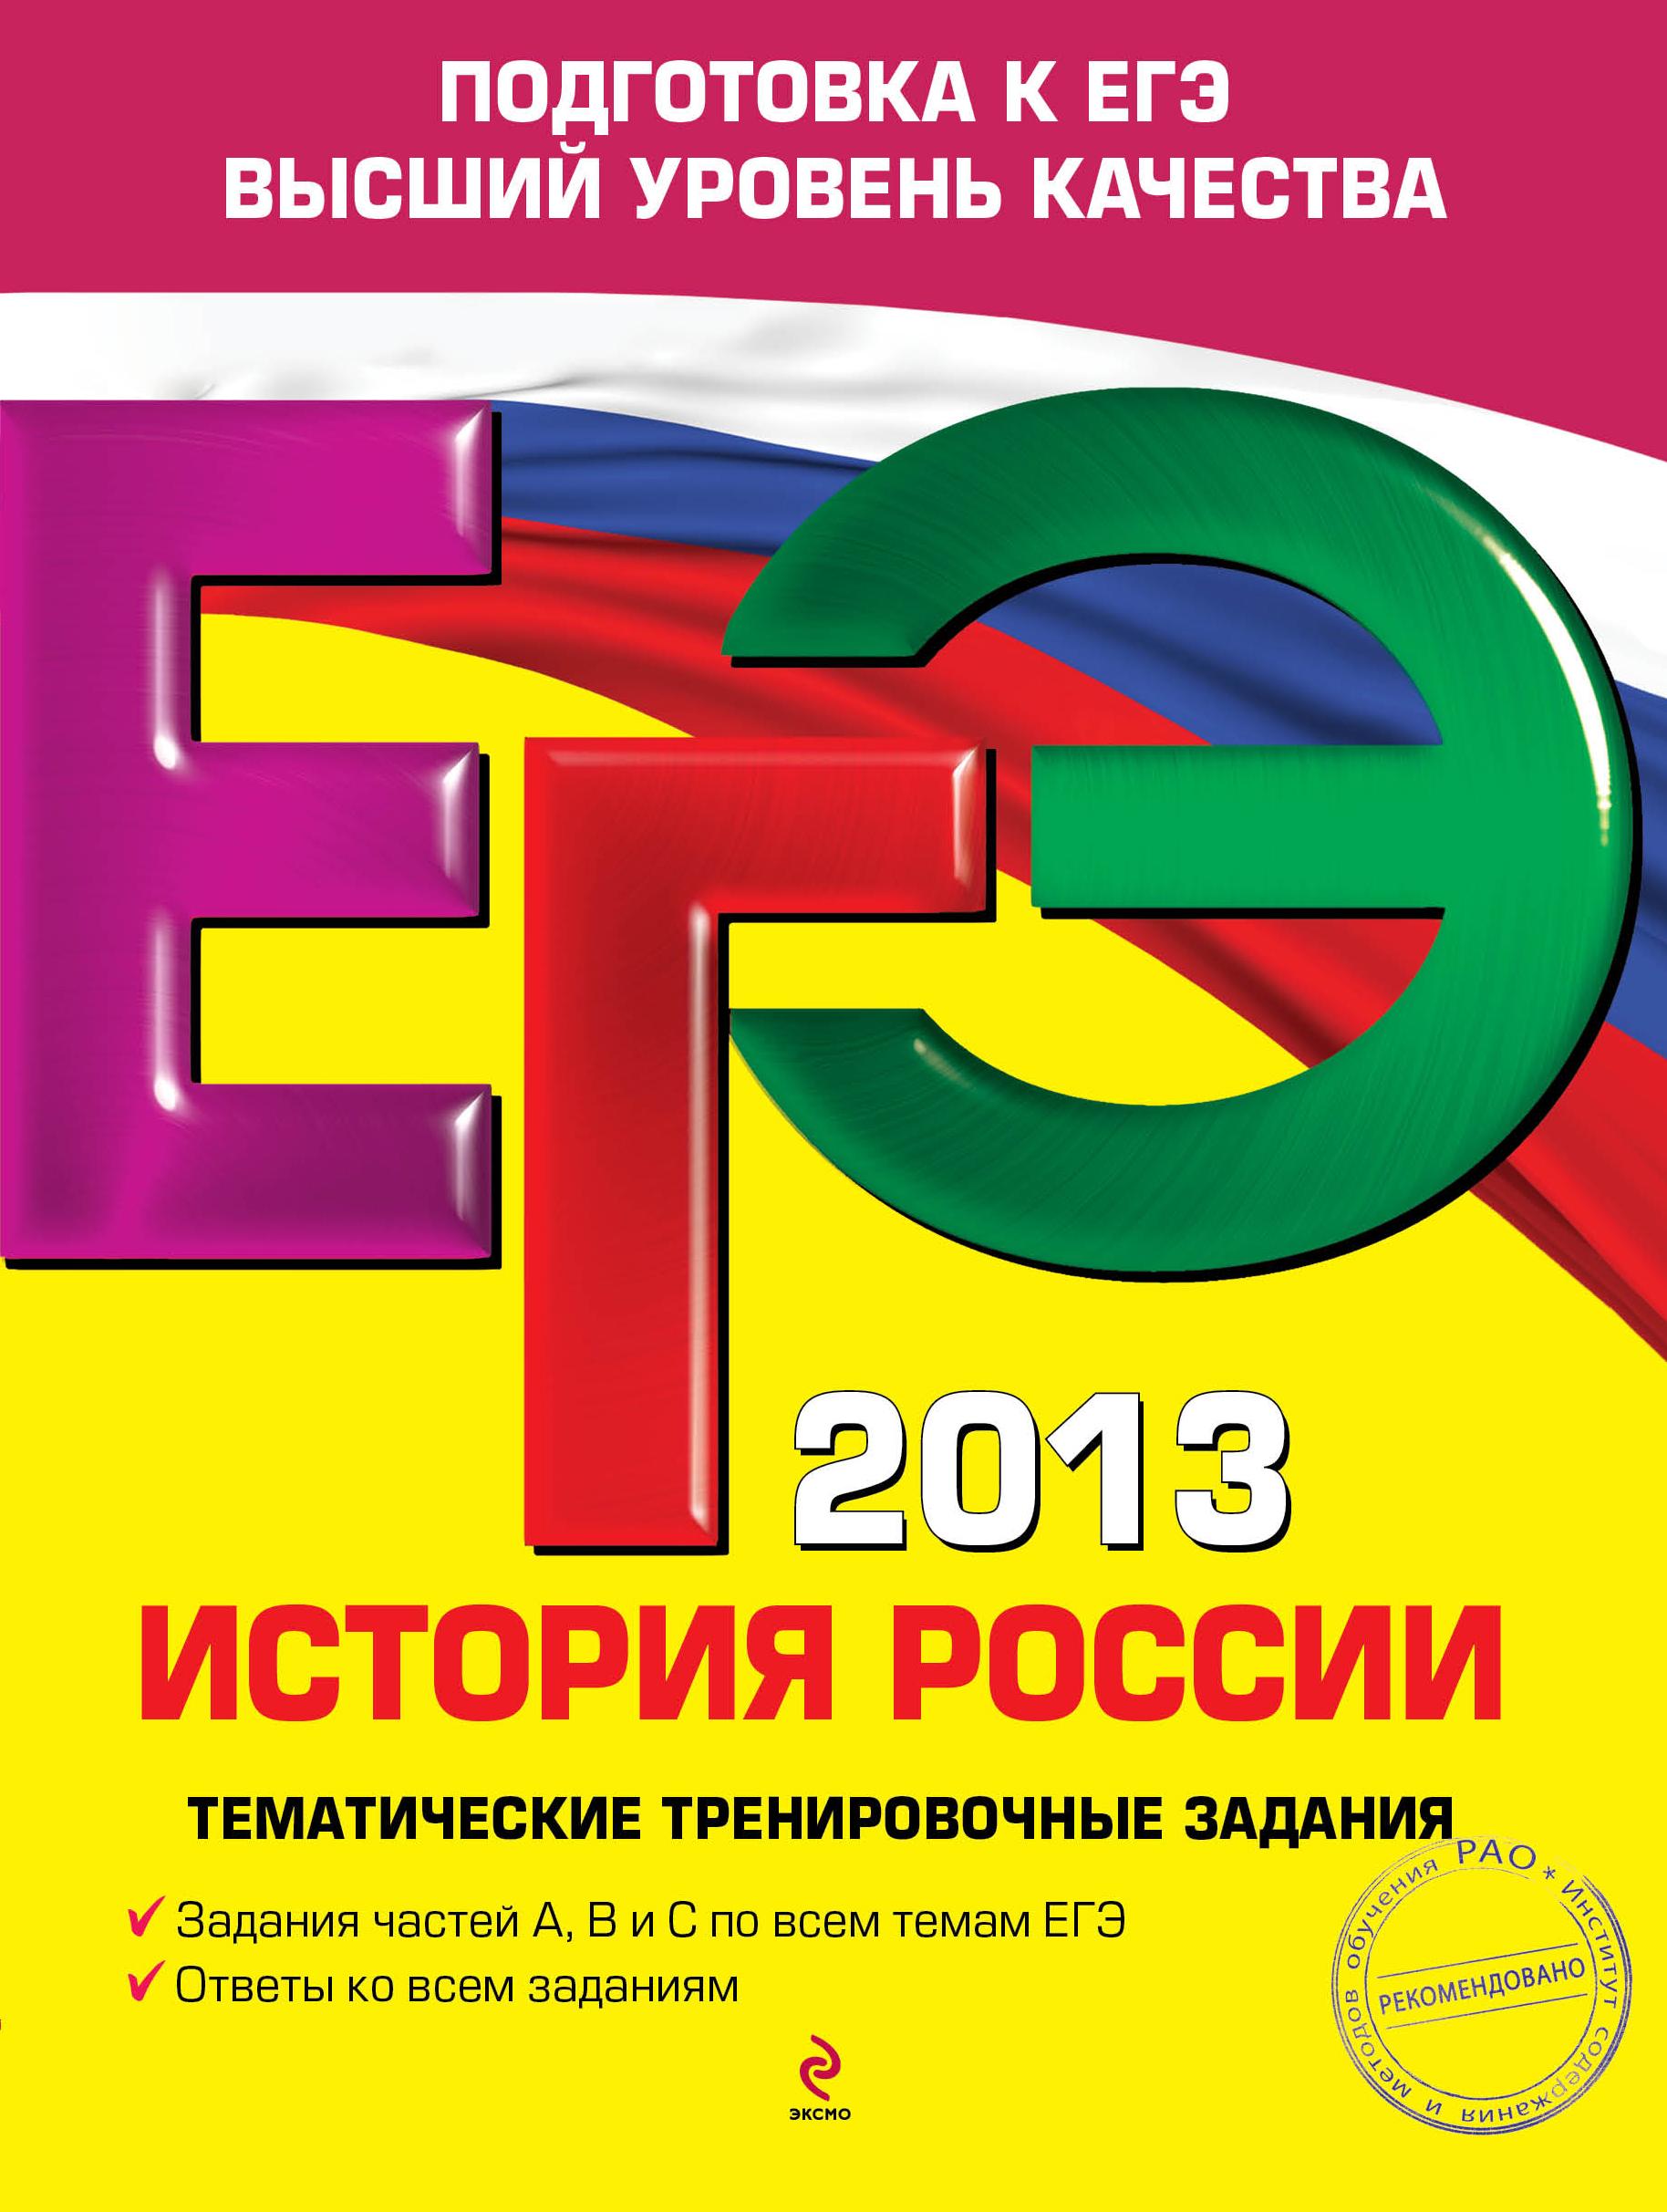 билеты по истории россии егэ: